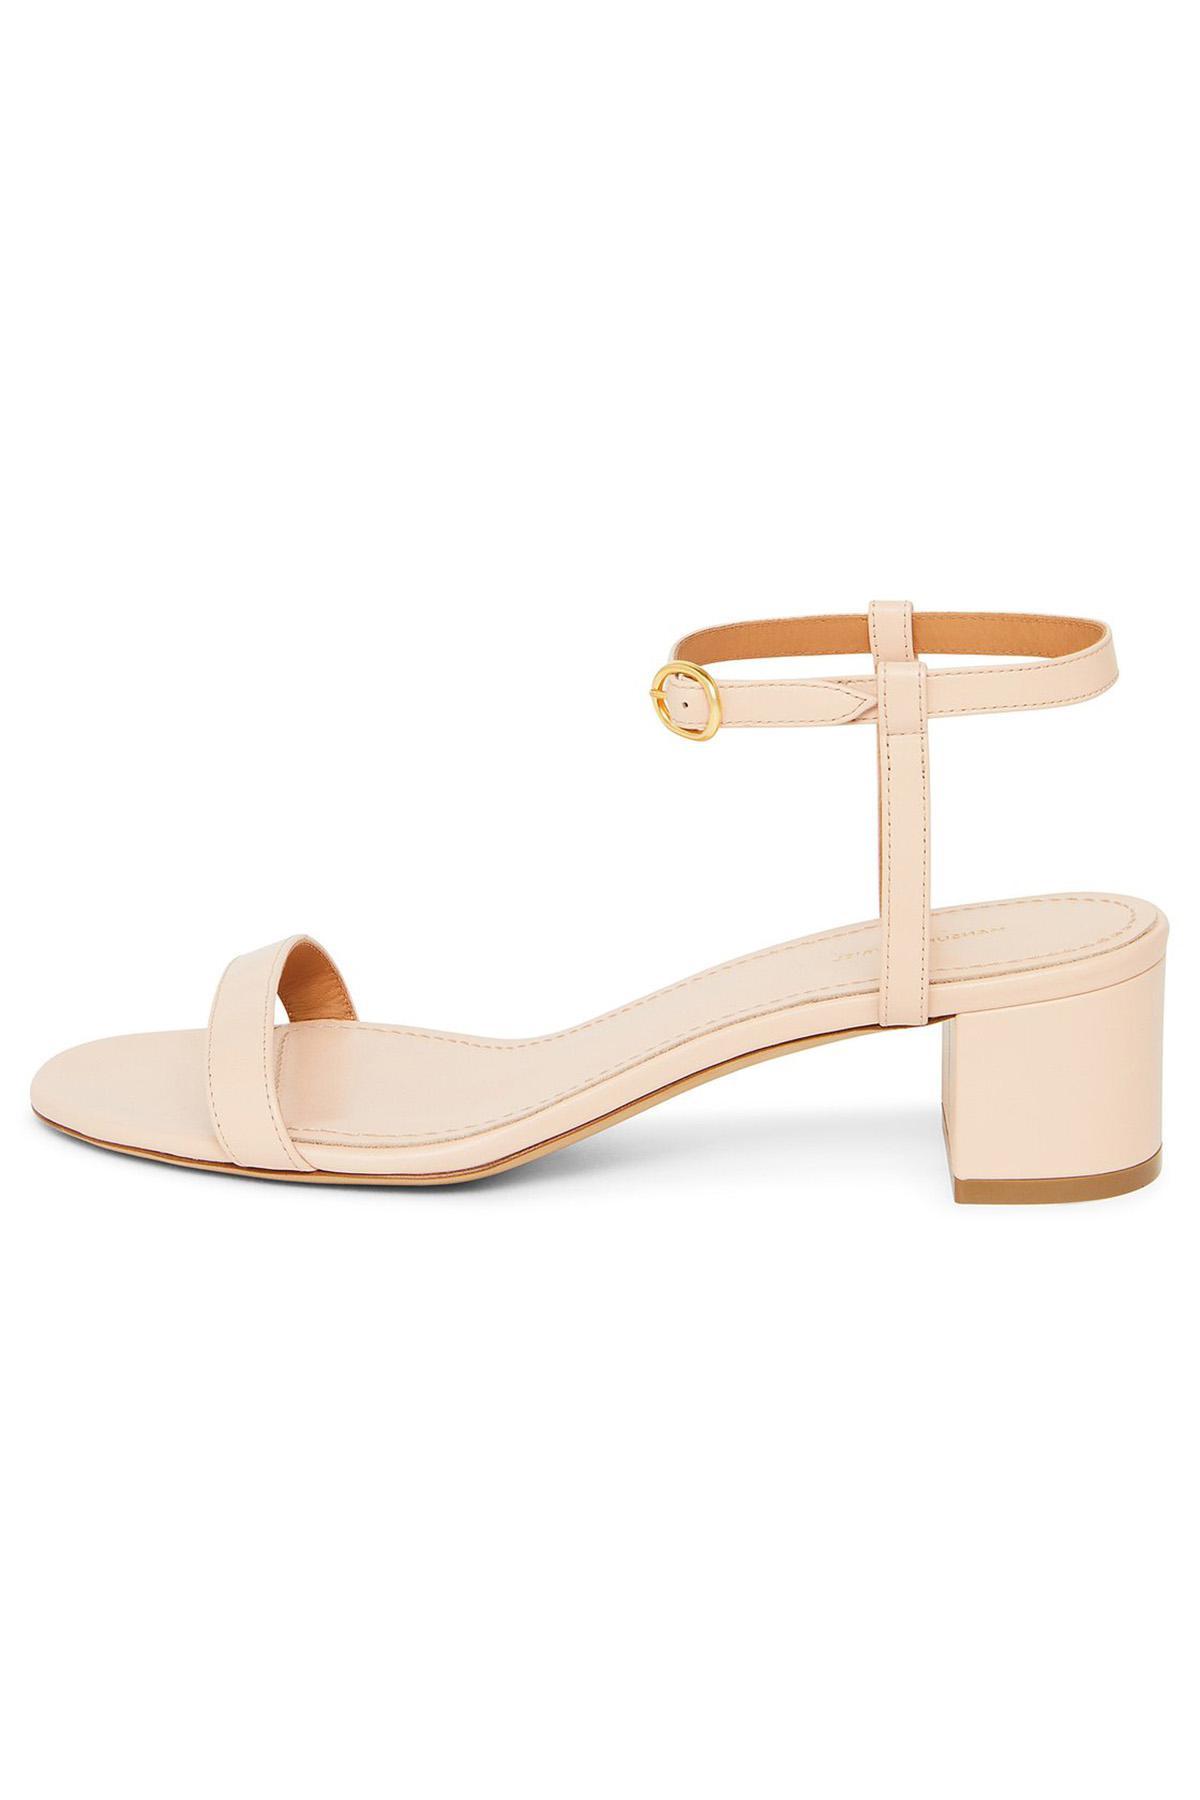 441fadf6c7c1 Lyst - Mansur Gavriel Lamb Ankle Strap Sandal - Rosa